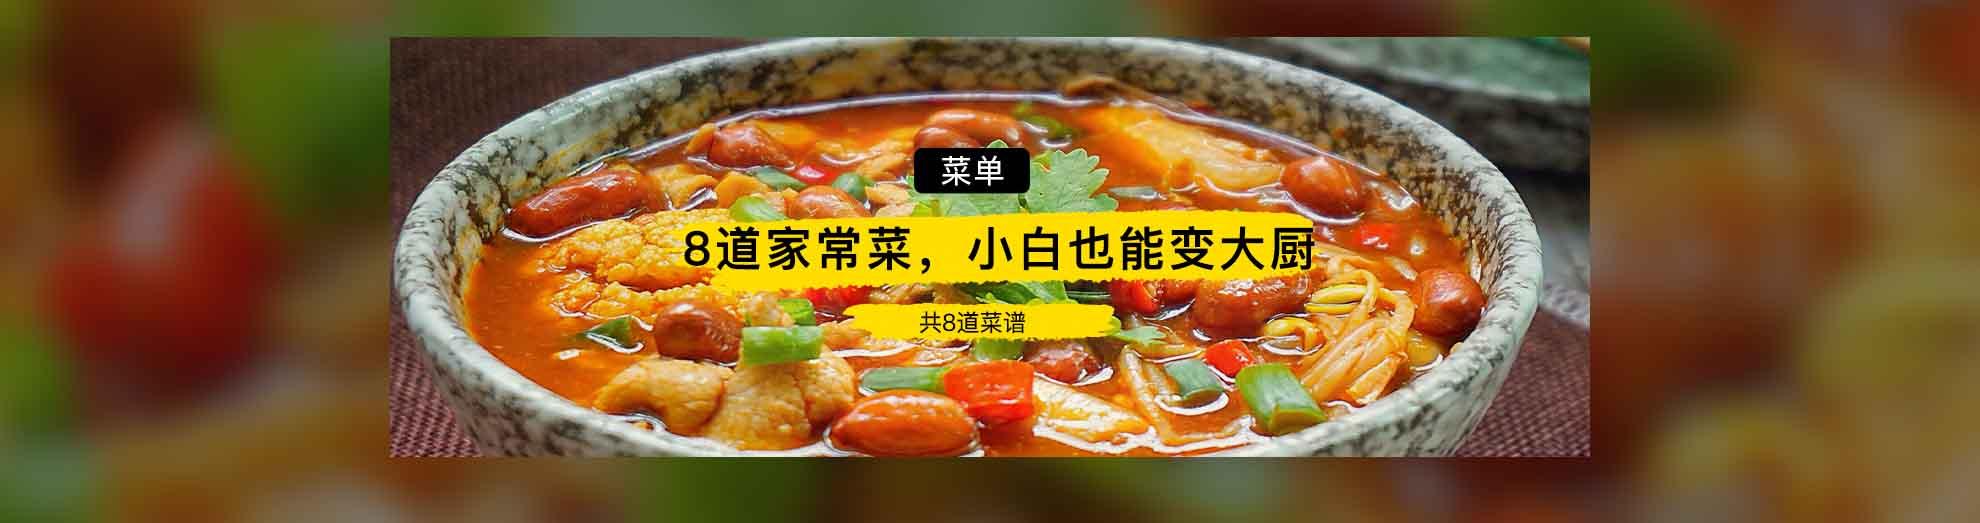 8道家常菜,小白也能變大廚}